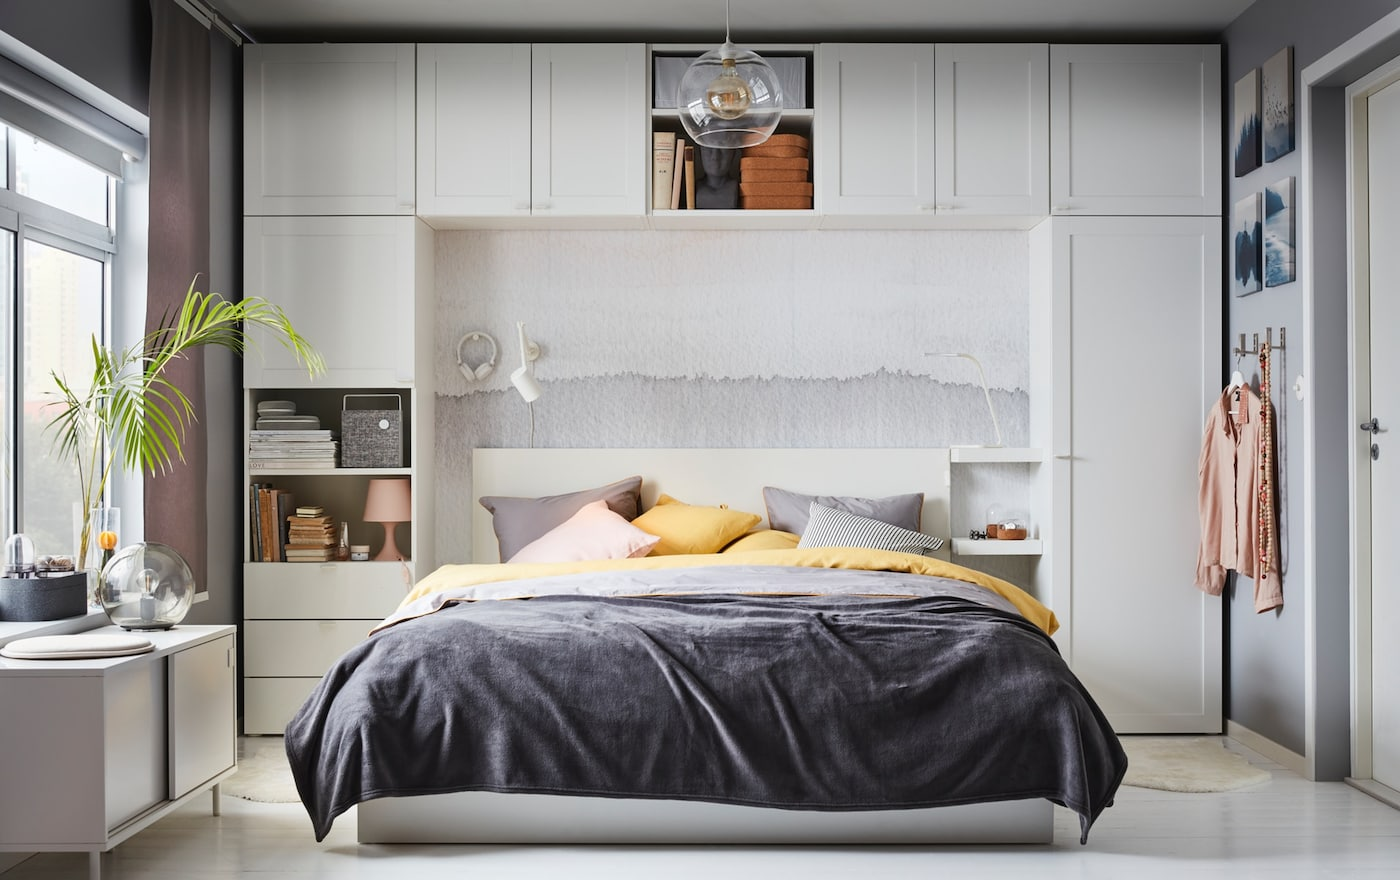 PLATSA Kleiderschrank Und MALM Bettgestell Im Schlafzimmer